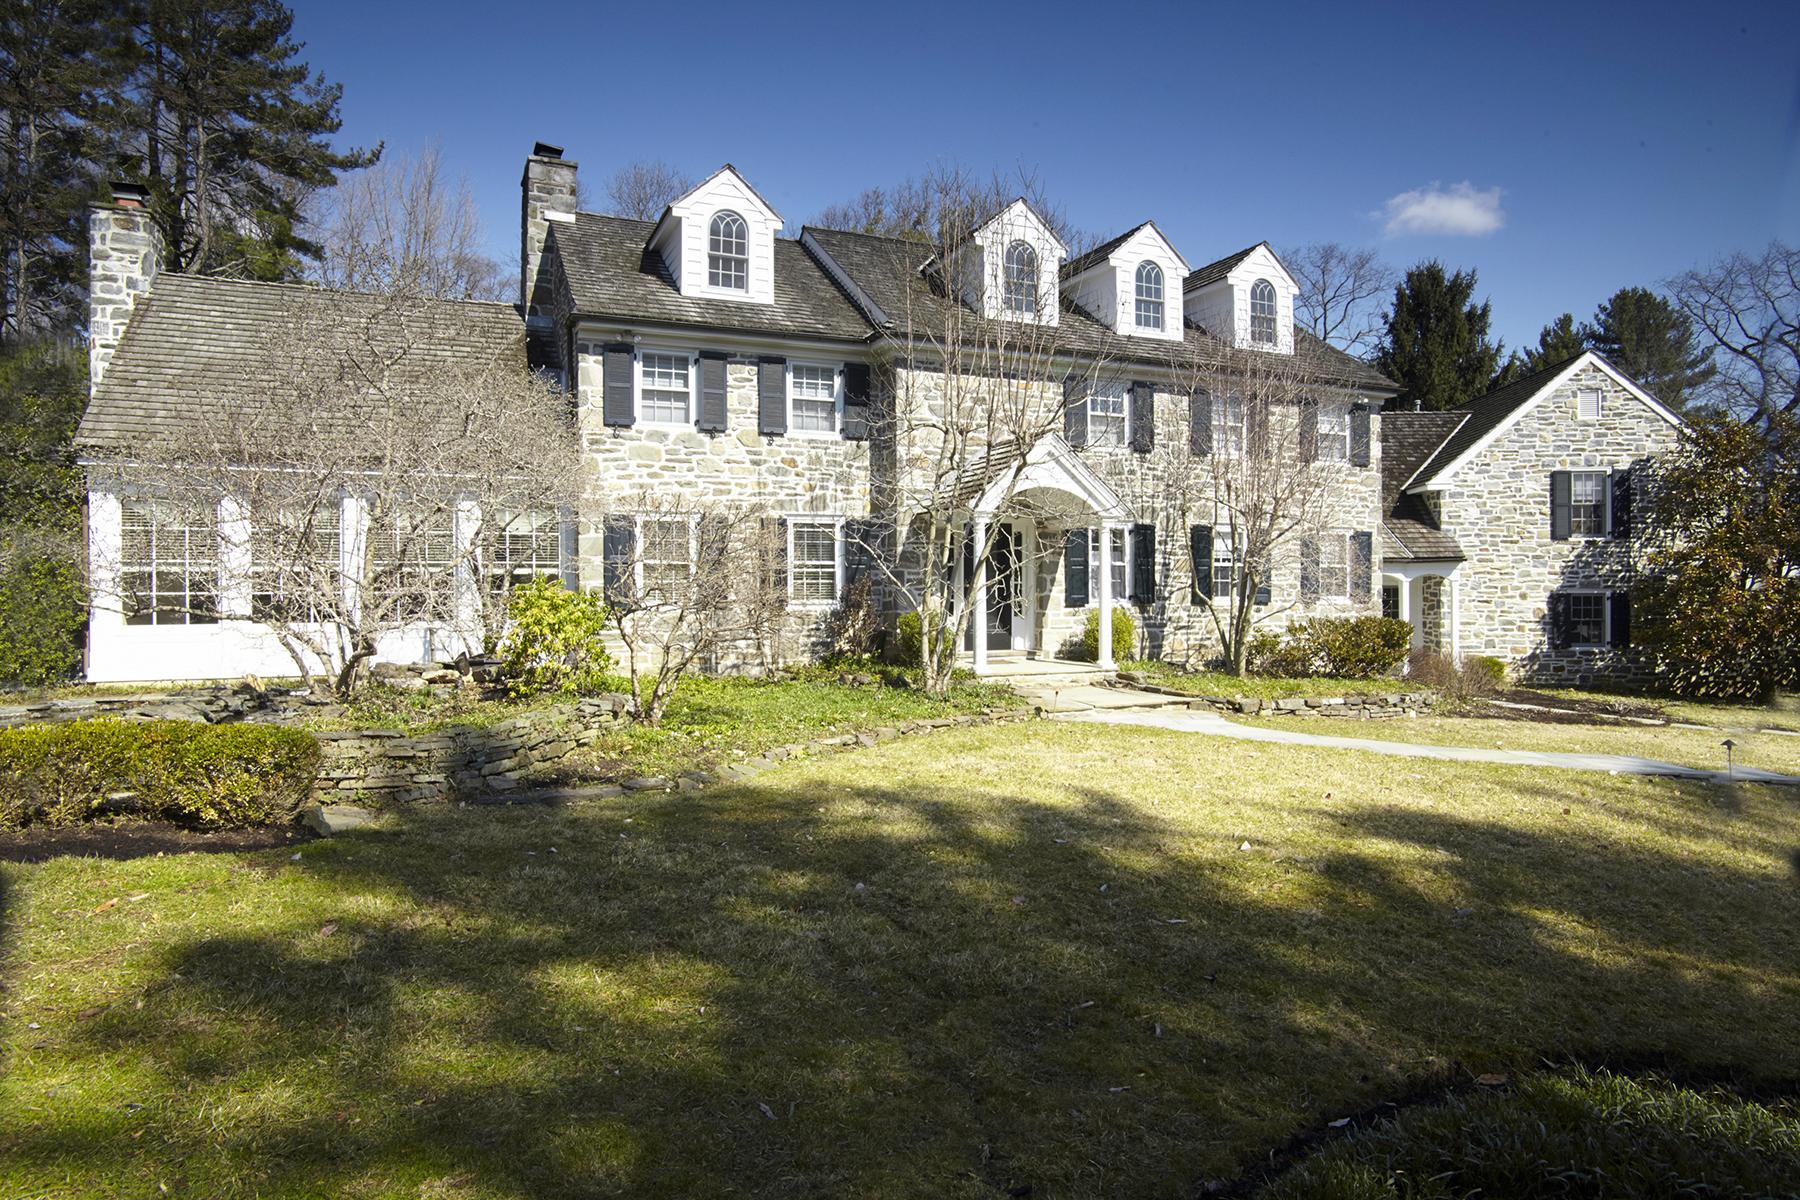 独户住宅 为 销售 在 Main Line Masterpiece 500 Mulberry Lane Haverford Haverford, 宾夕法尼亚州 19041 美国